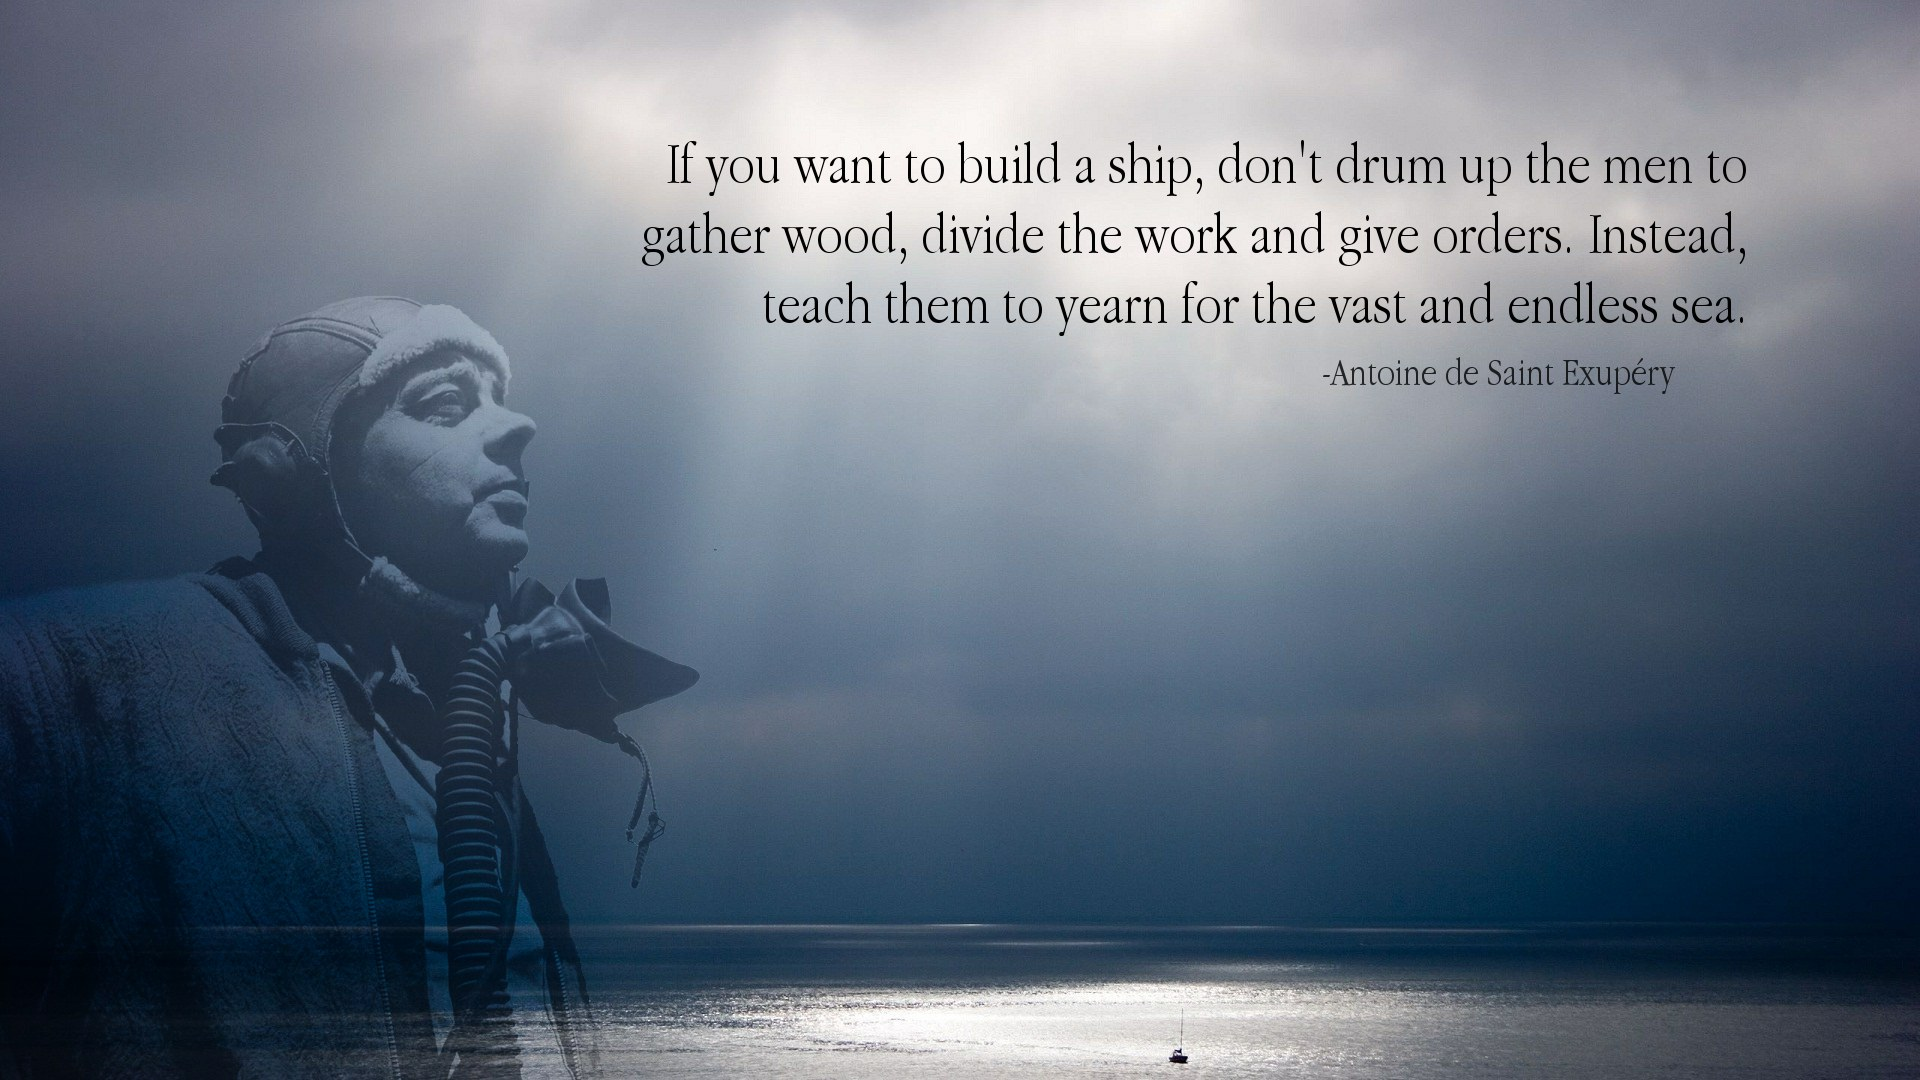 Antoine de Saint-Exupery's quote #4